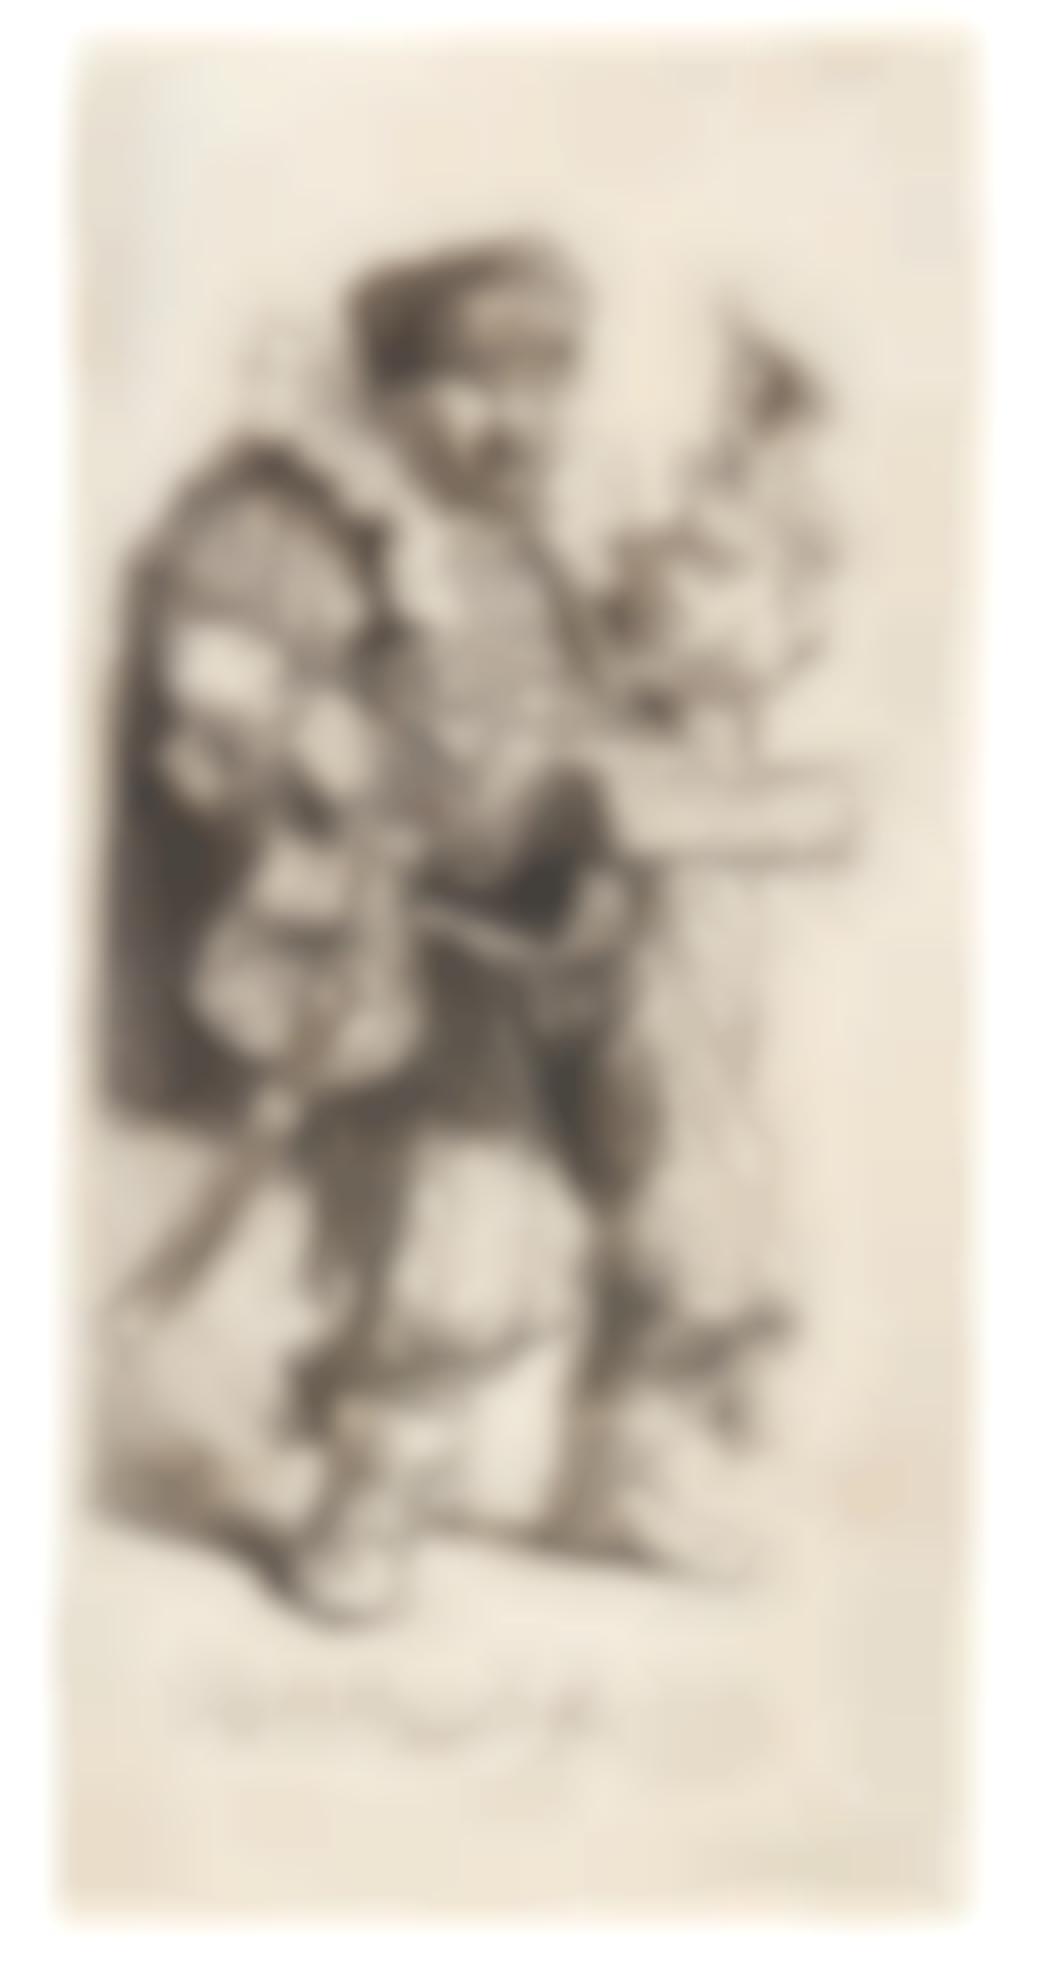 Rembrandt van Rijn-The Quacksalver (B., Holl. 129; New Holl. 145; H. 139)-1635